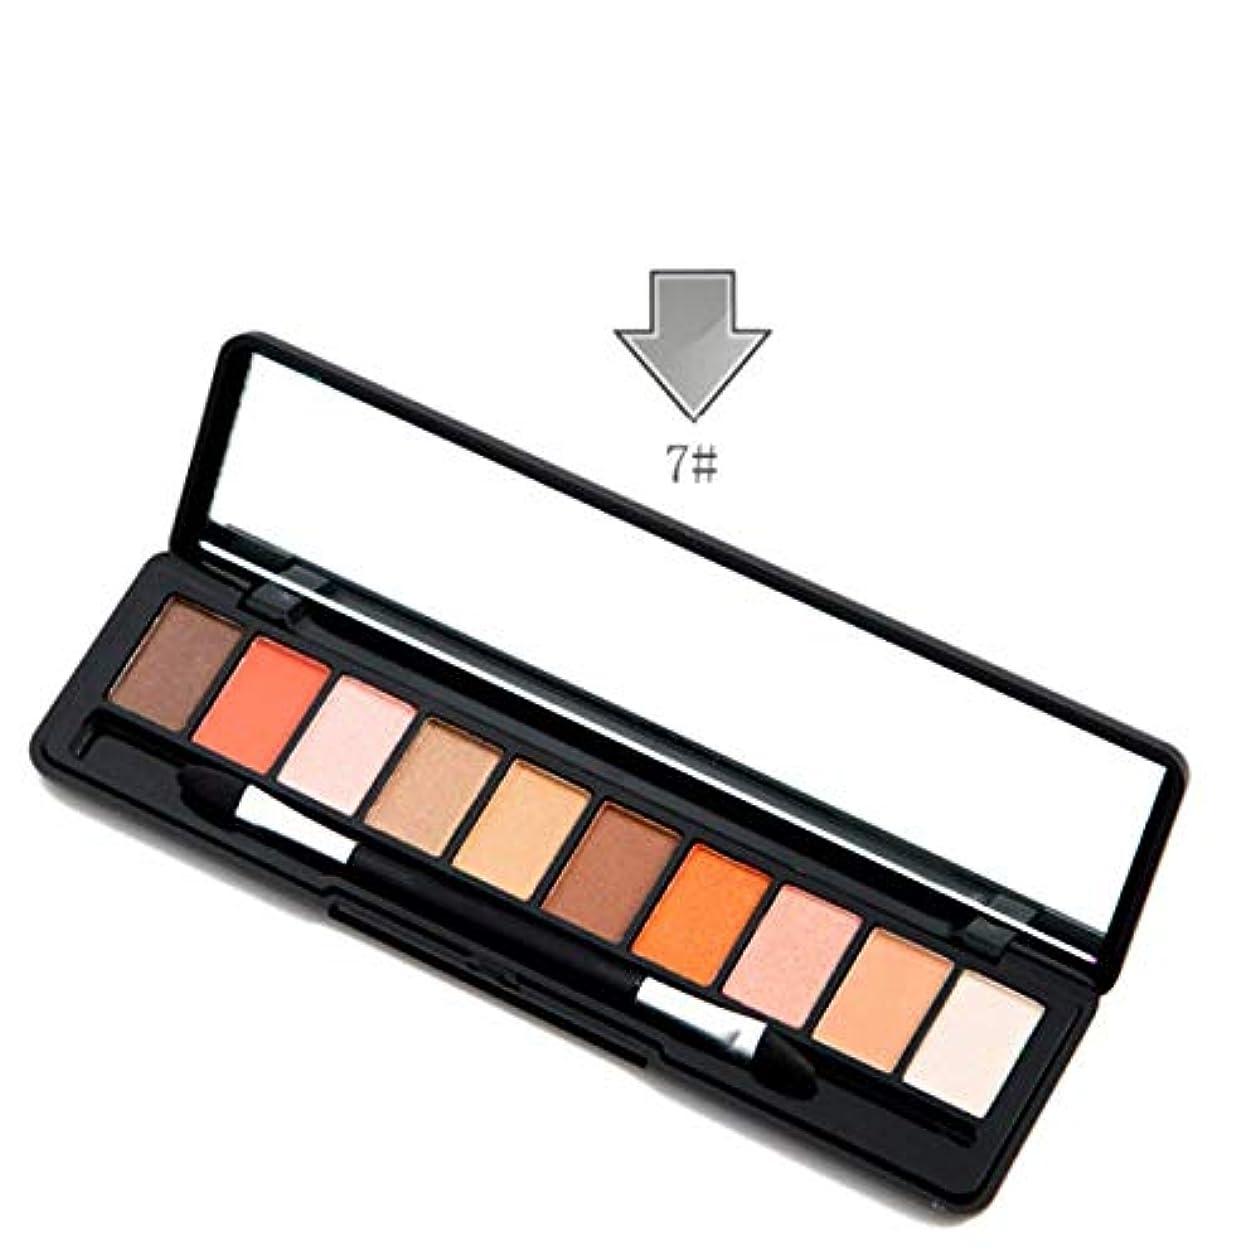 九時四十五分著作権秘密のFidgetGear 10色化粧マットアイシャドウパウダーシマーアイシャドウパレットブラシセット #7